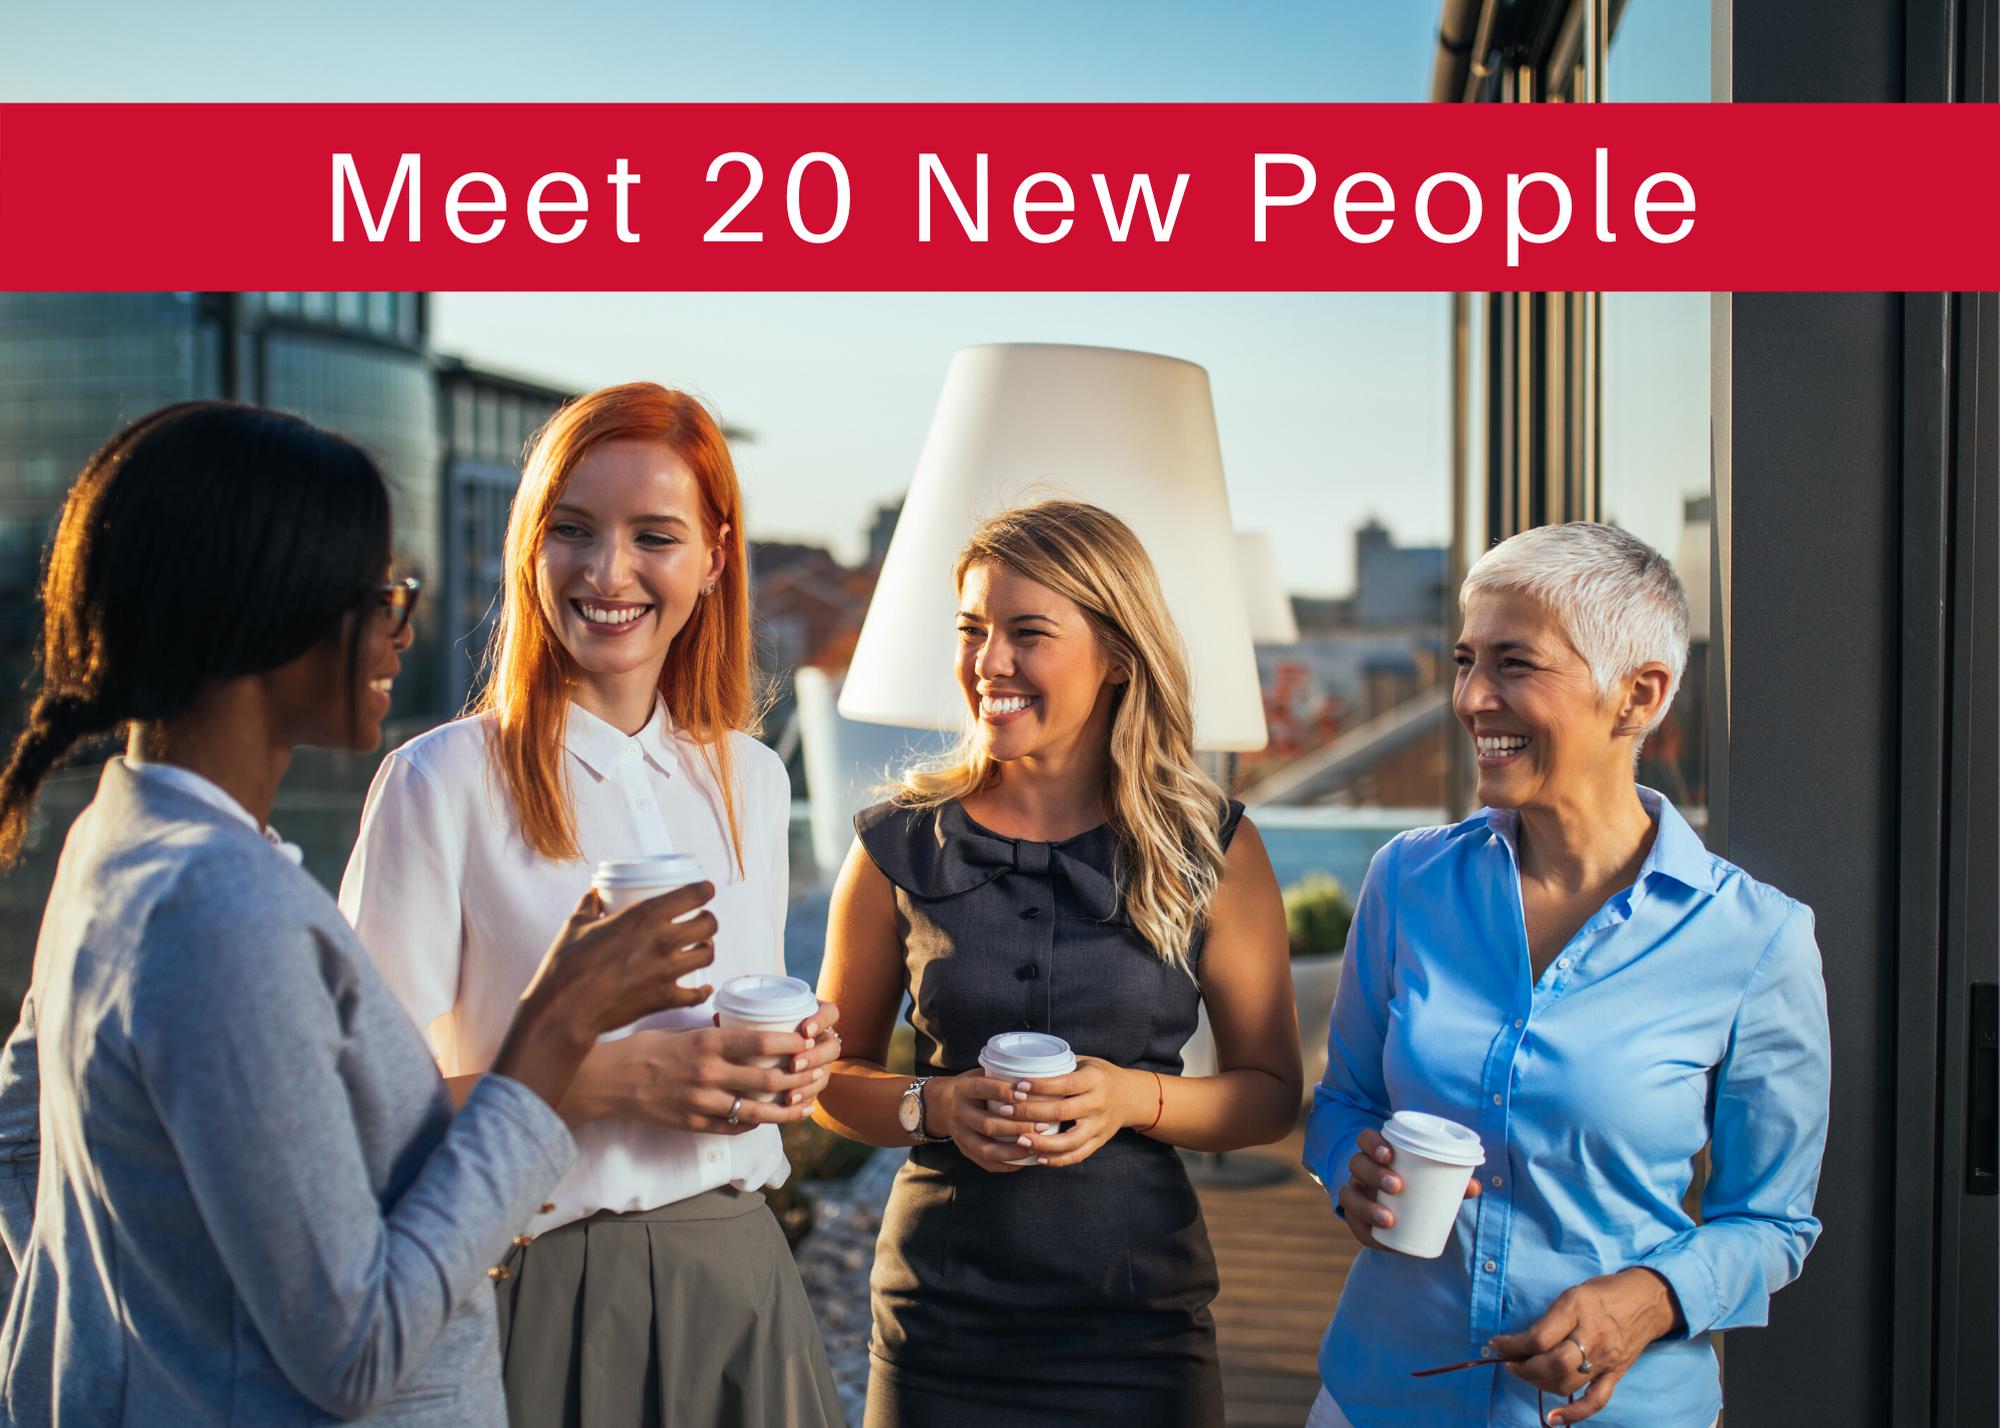 meet 20 new people - women talking